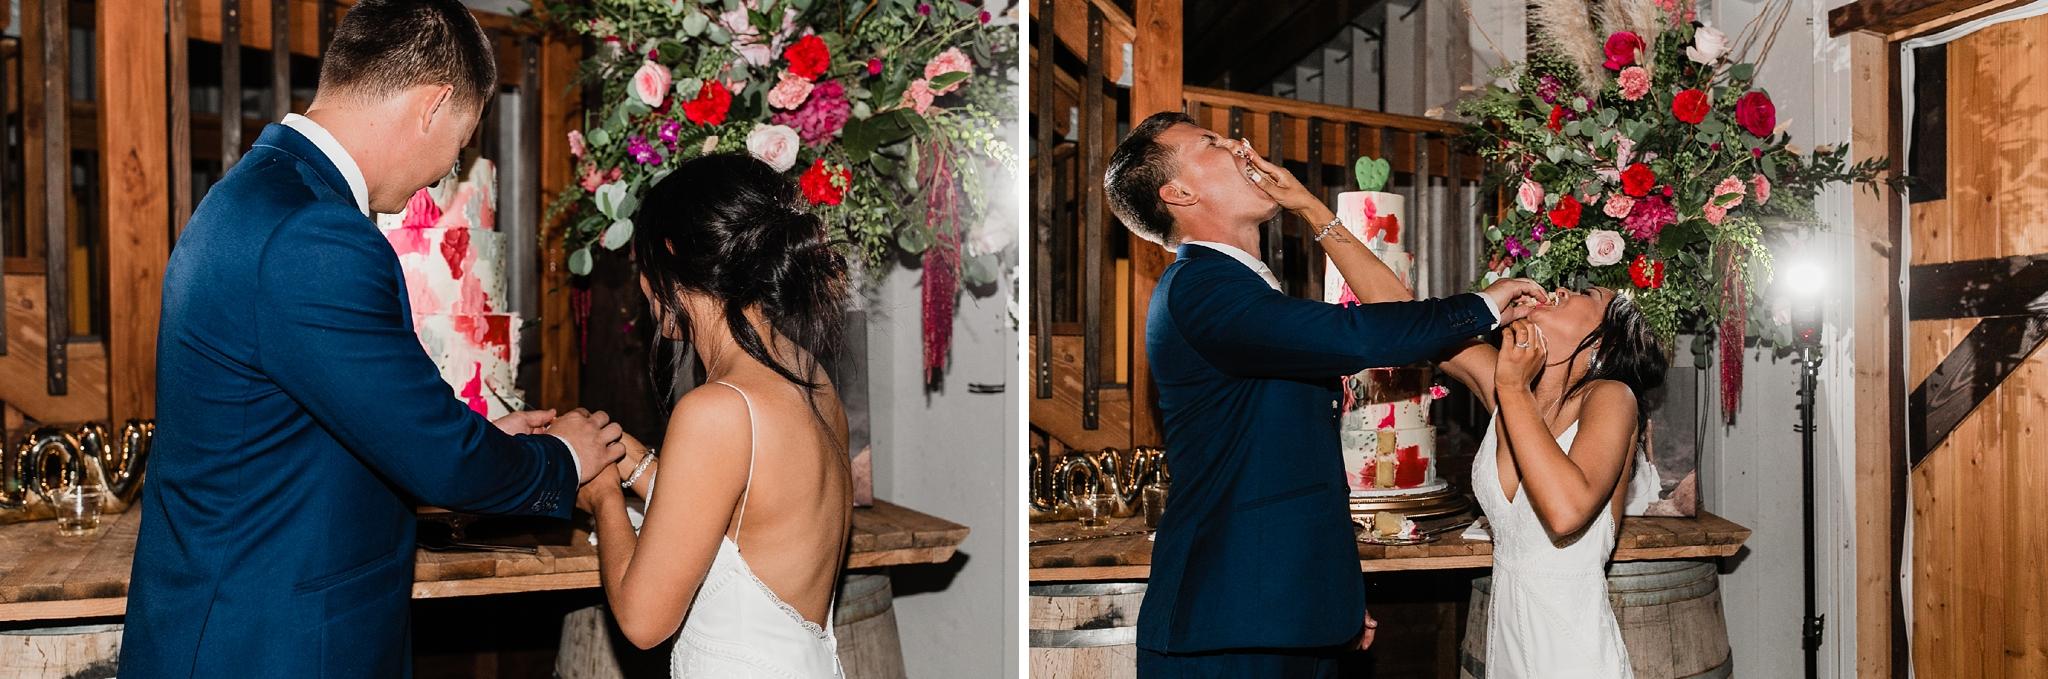 Alicia+lucia+photography+-+albuquerque+wedding+photographer+-+santa+fe+wedding+photography+-+new+mexico+wedding+photographer+-+new+mexico+wedding+-+new+mexico+wedding+-+barn+wedding+-+enchanted+vine+barn+wedding+-+ruidoso+wedding_0167.jpg